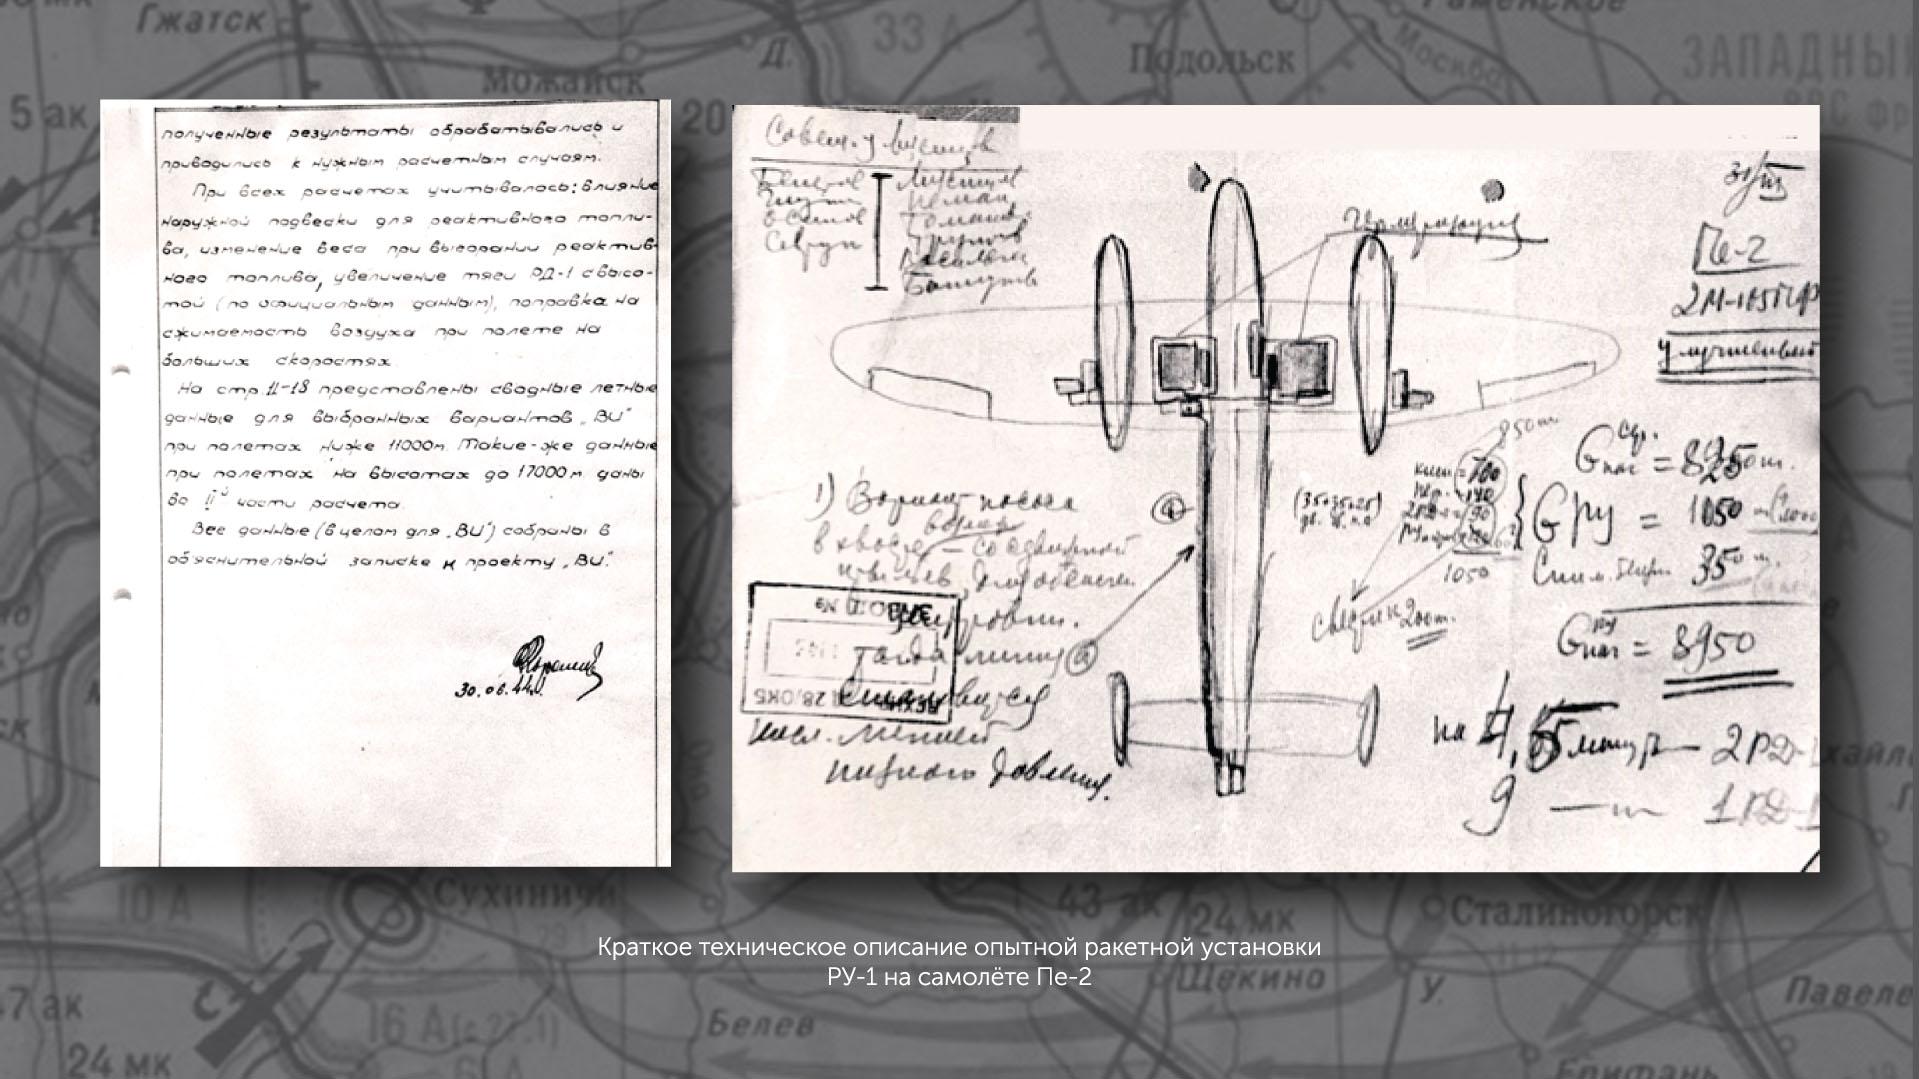 Краткое техническое описание опытной ракетной установки